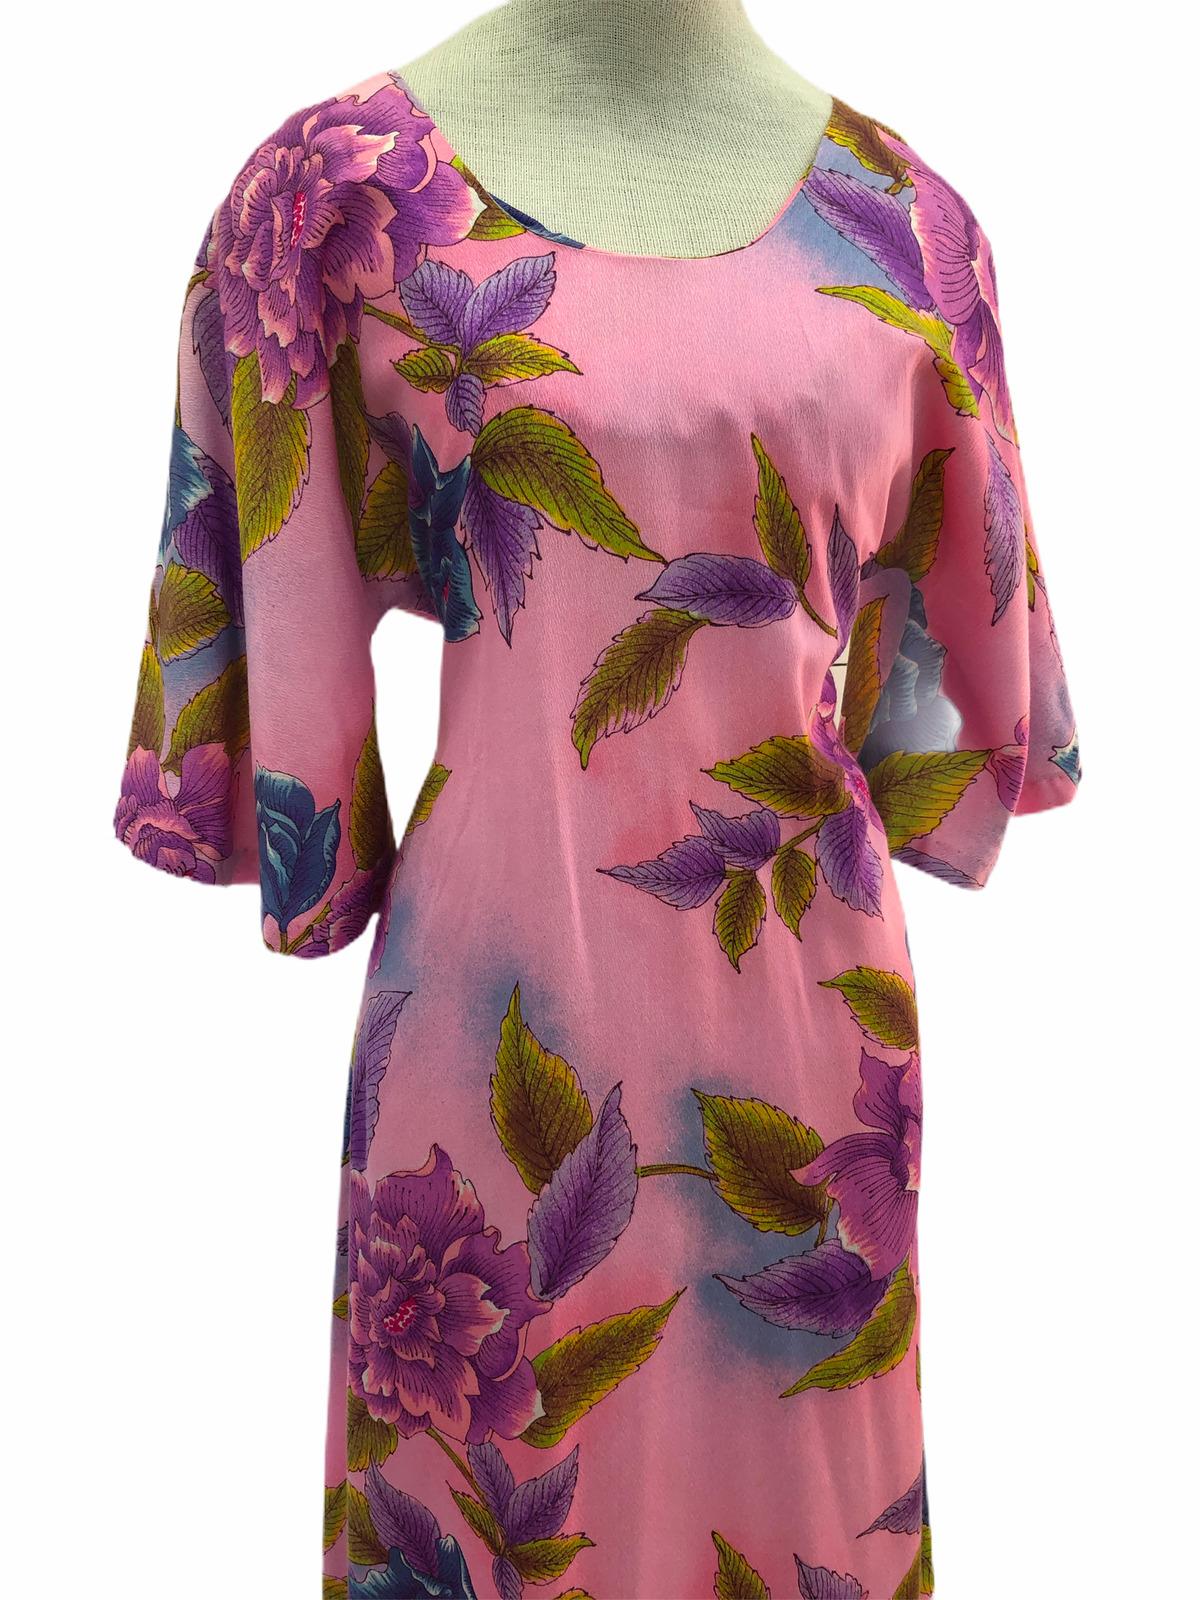 Vintage VTG 1970s 70s Pake Muu Pink Floral Patter… - image 5